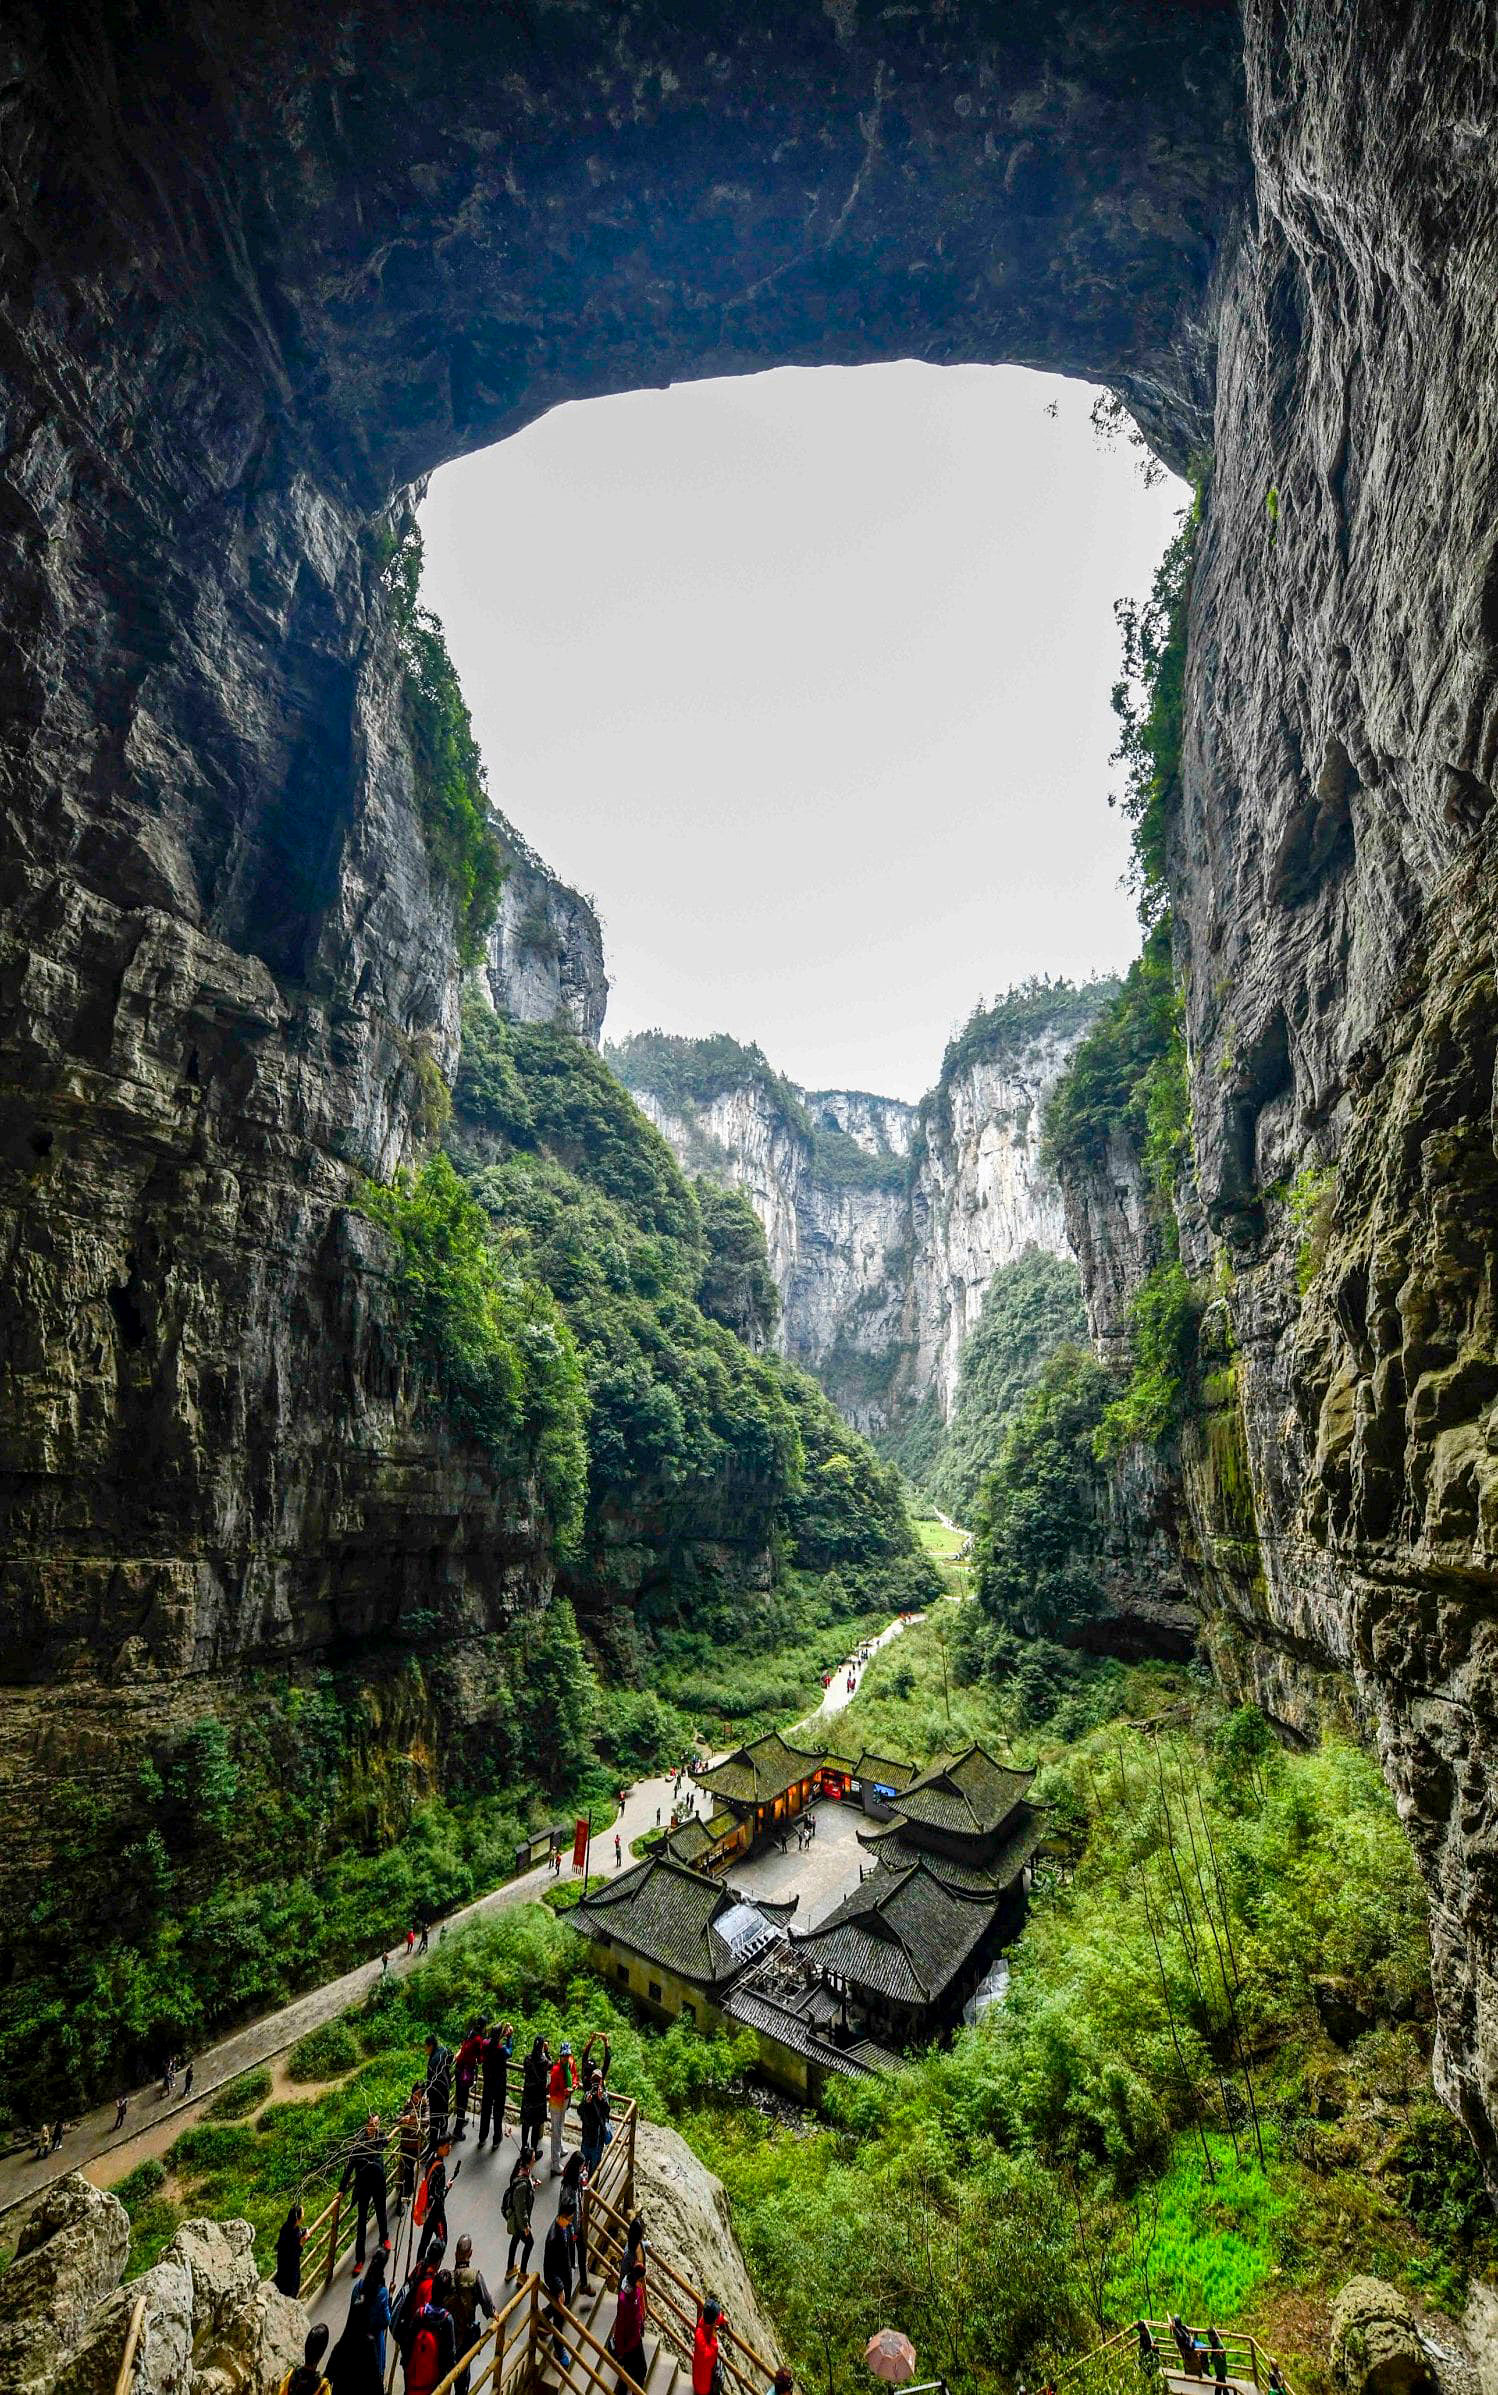 Tianlong Bridge, Tiansheng Sanqiao, Wulong District, Chongqing, China via Xinhua.jpg